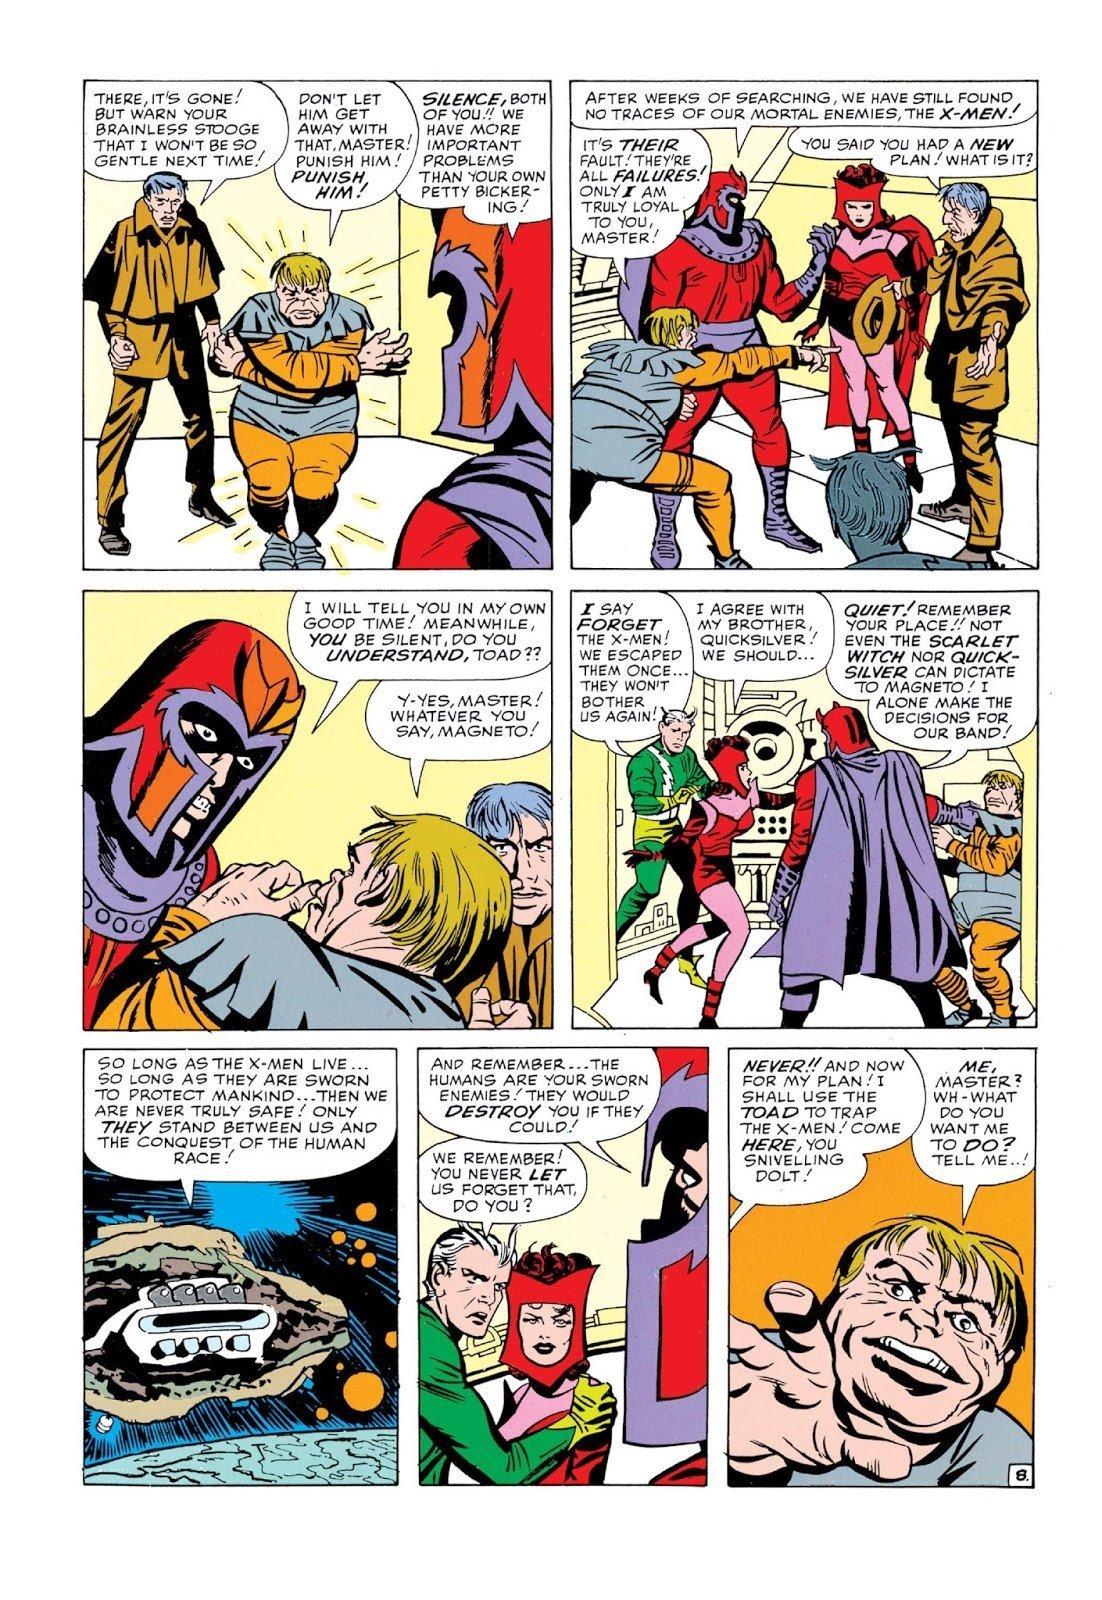 El Sapo y la Hermandad de Mutantes